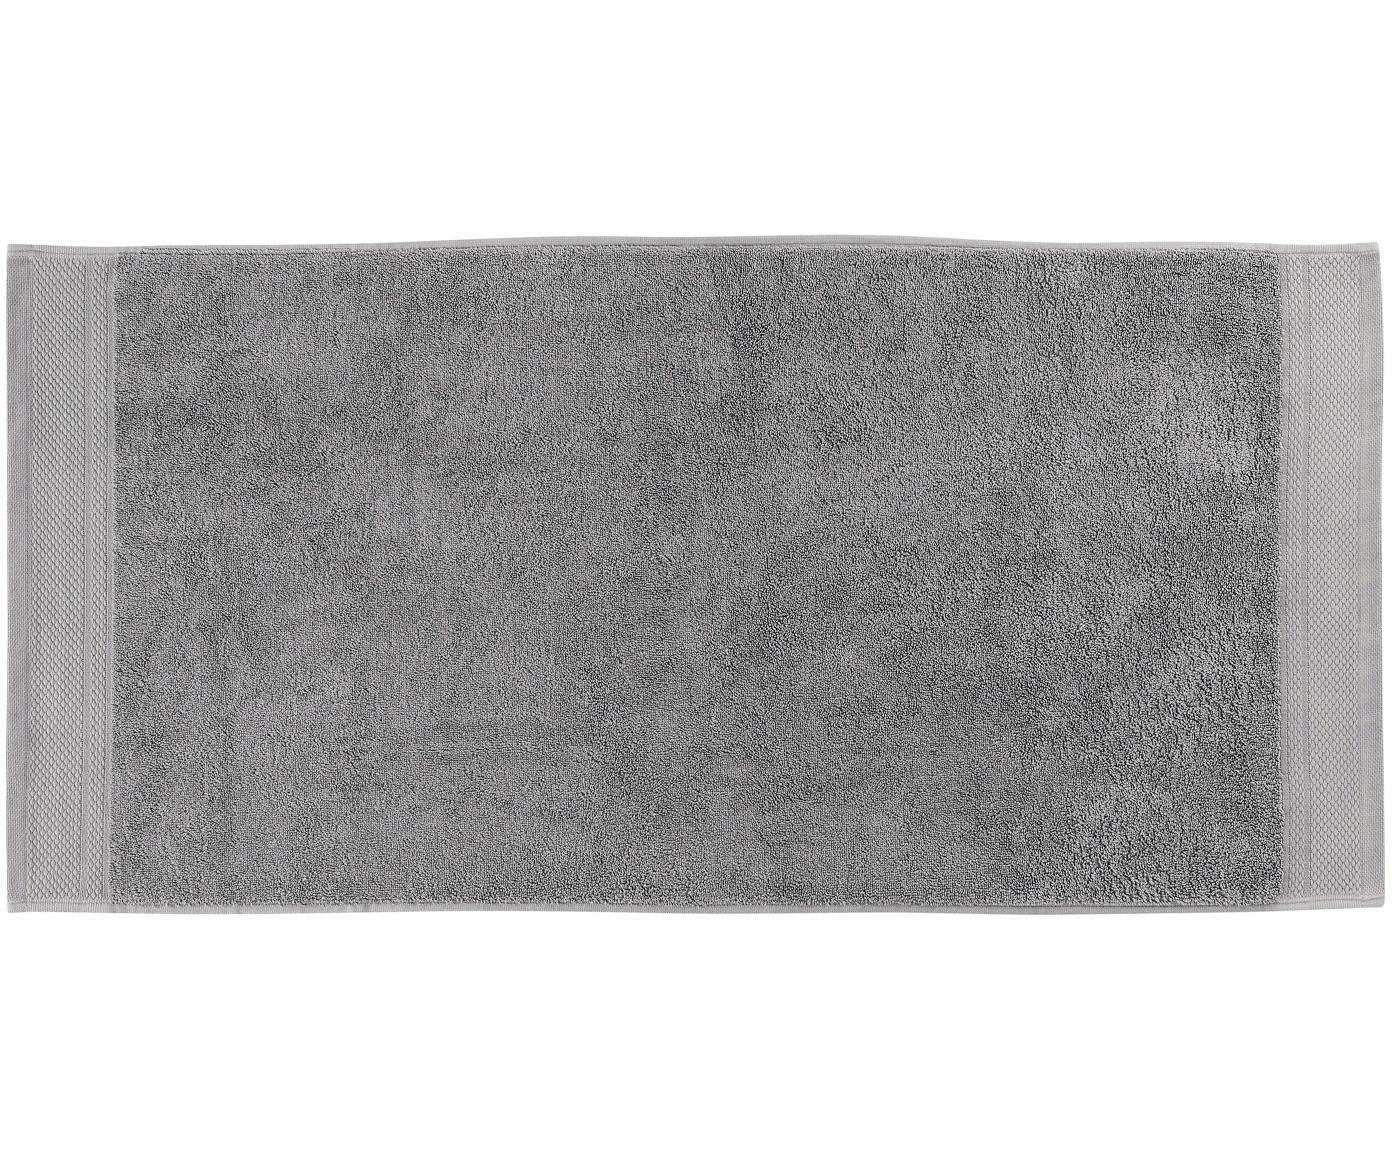 Komplet ręczników Premium, 3 elem., 100% bawełna, wysoka jakość 600 g/m², Ciemny szary, Różne rozmiary